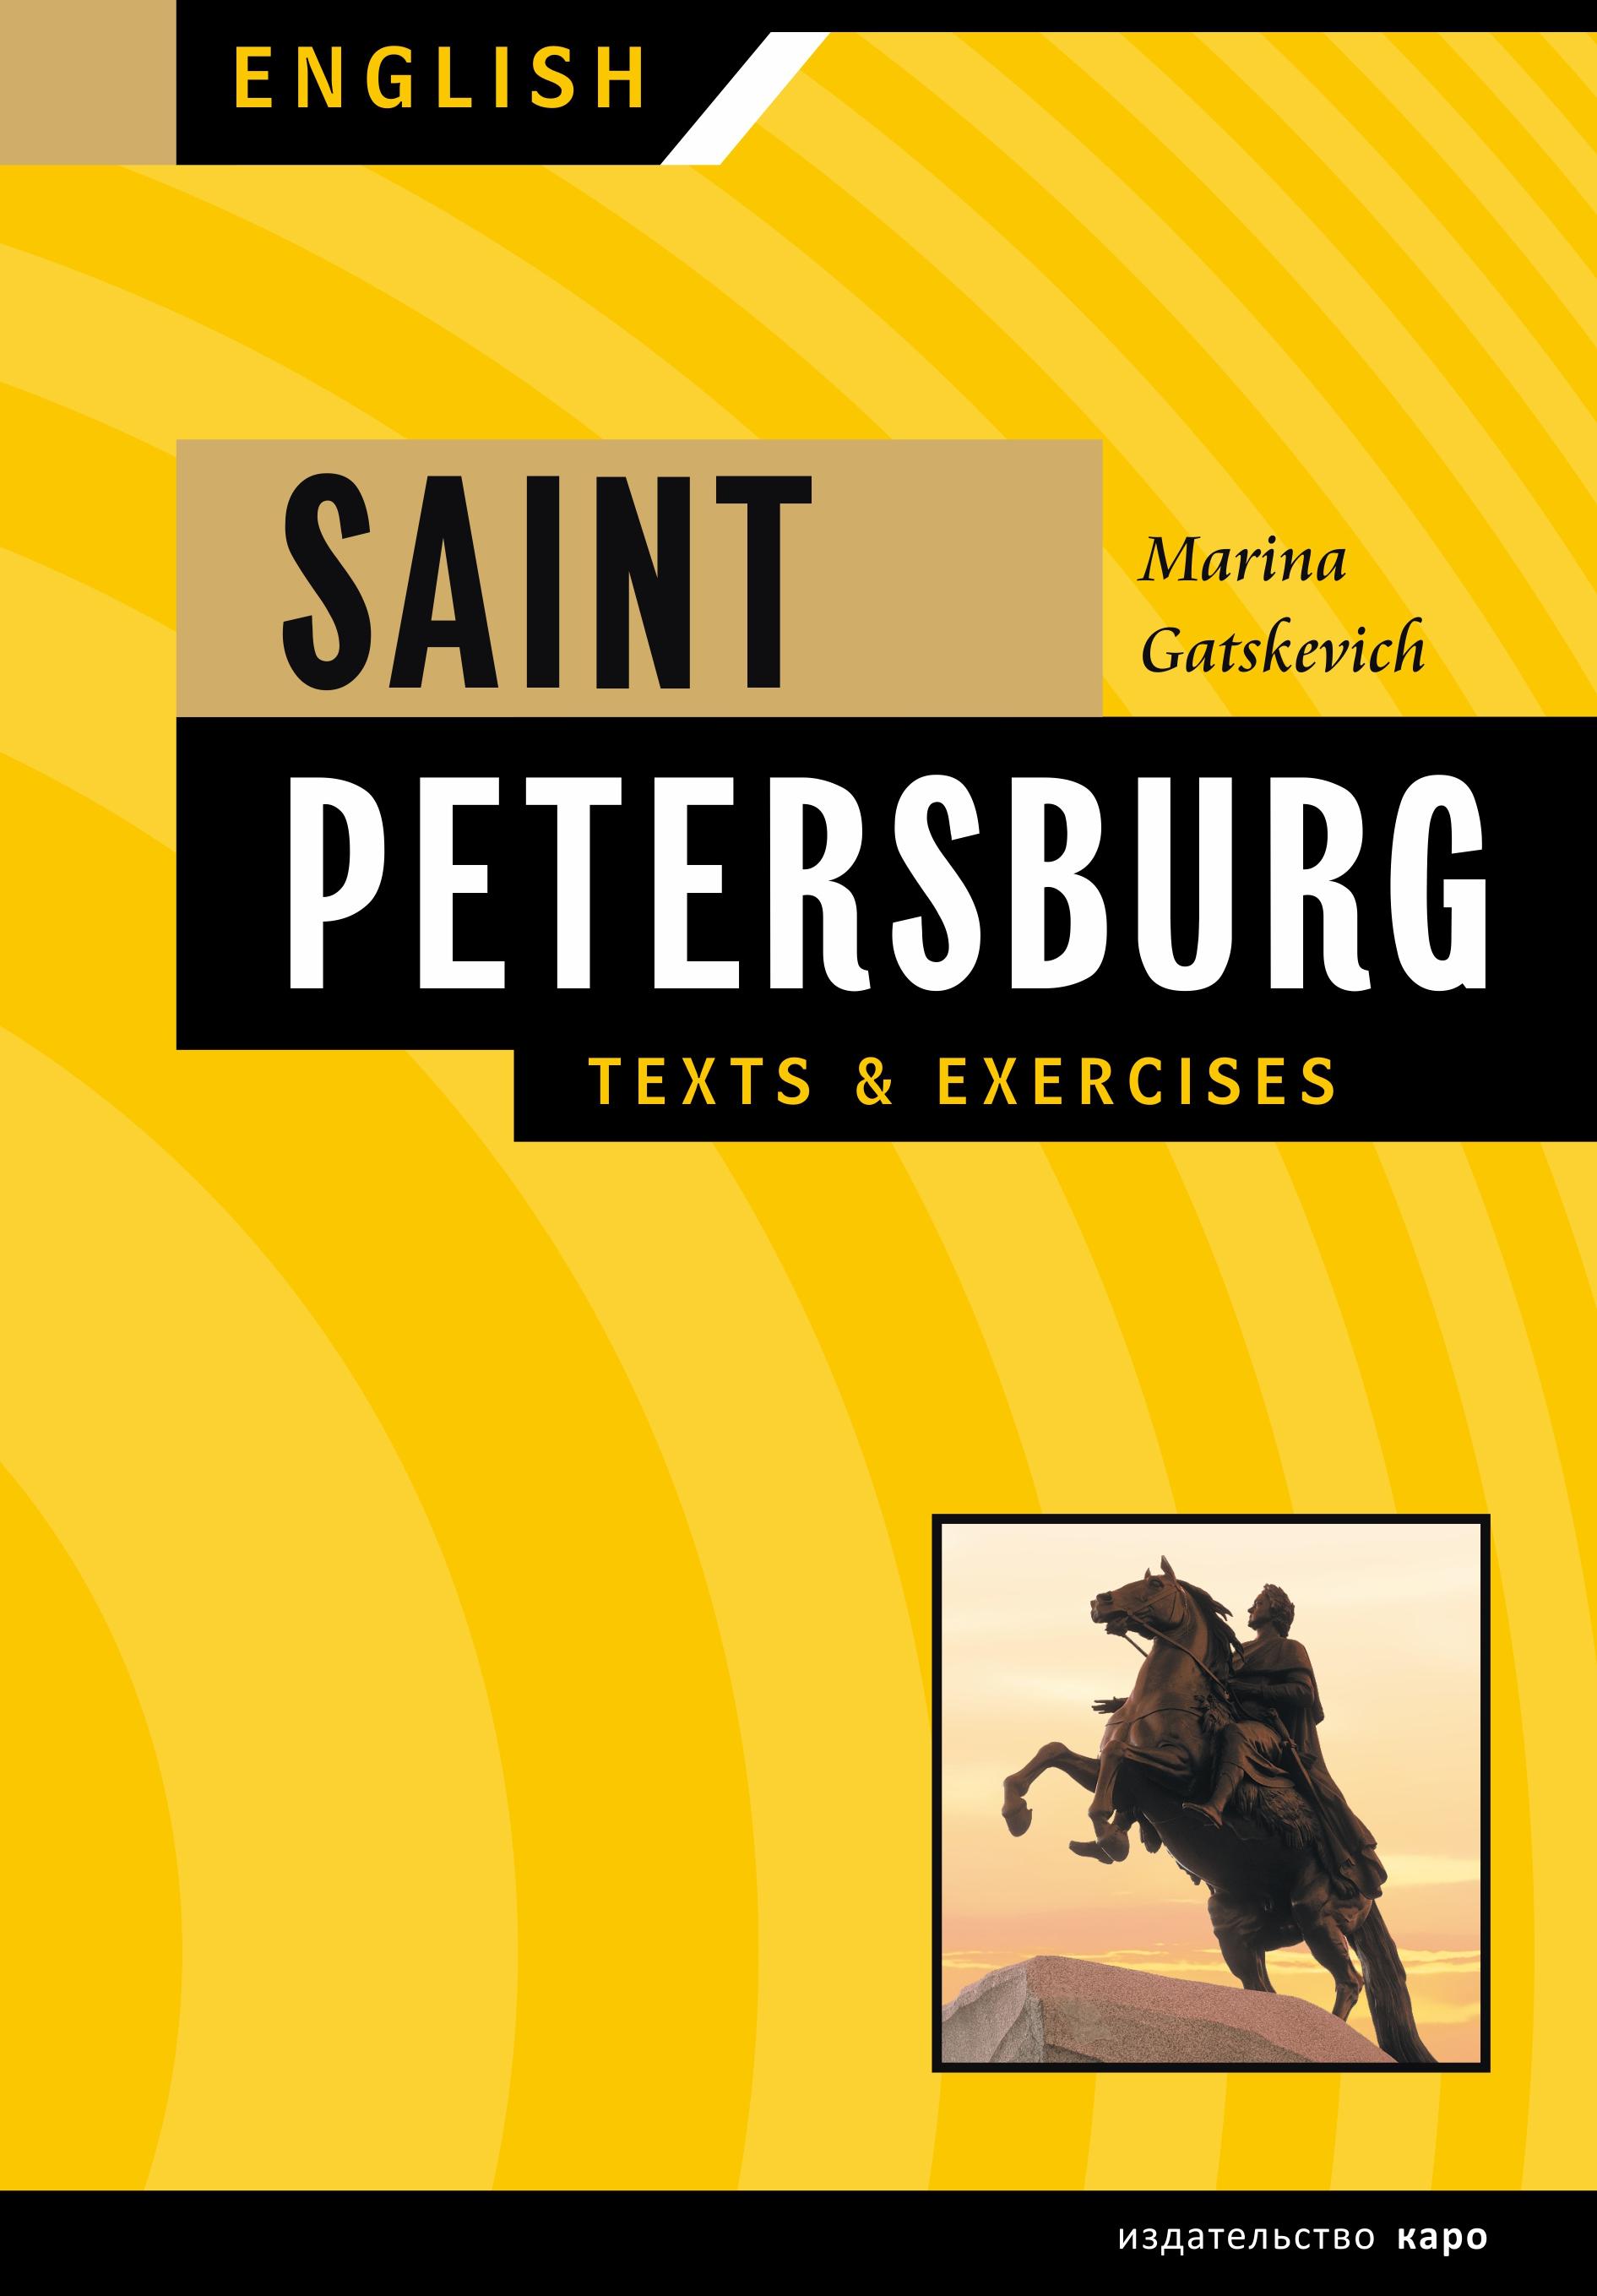 Марина Гацкевич Санкт-Петербург. Тексты и упражнения. Книга 1 / Saint Petersburg: Texts & Exercises